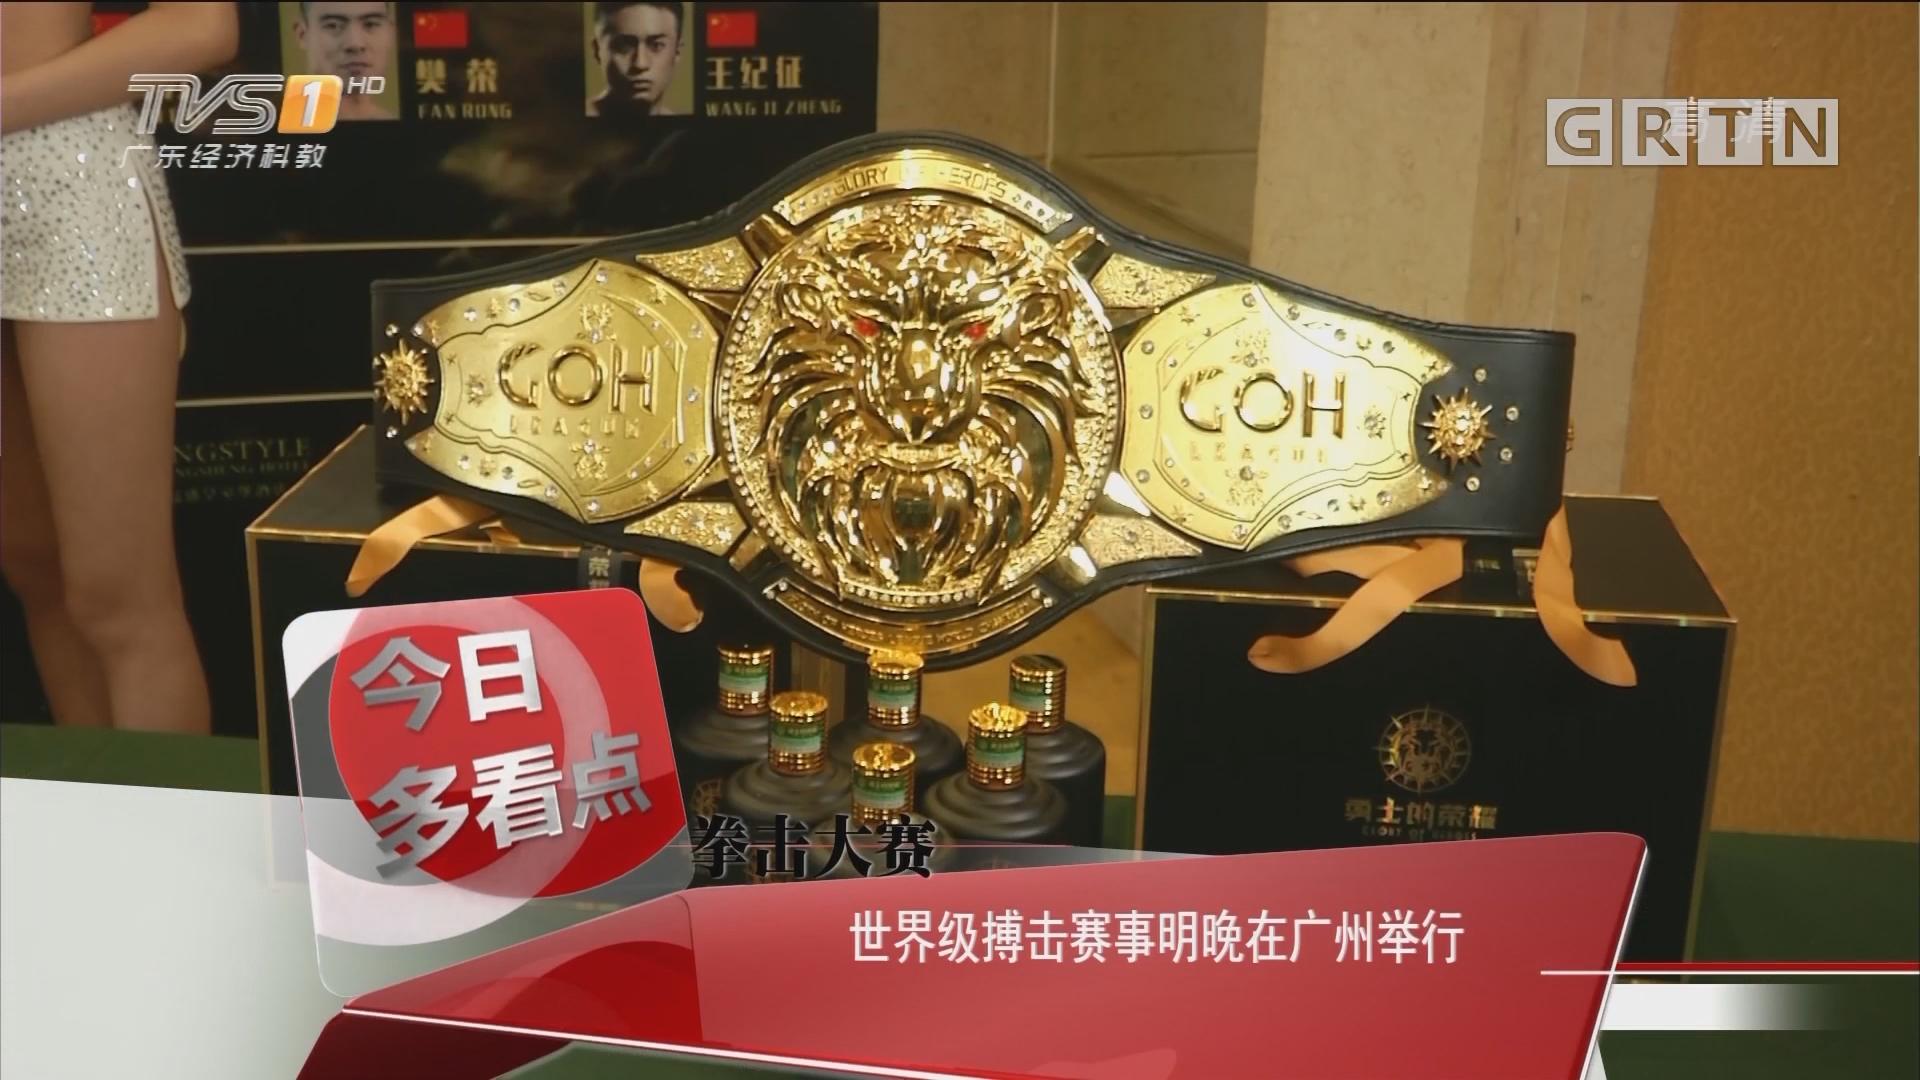 拳击大赛:世界级搏击赛事明晚在广州举行